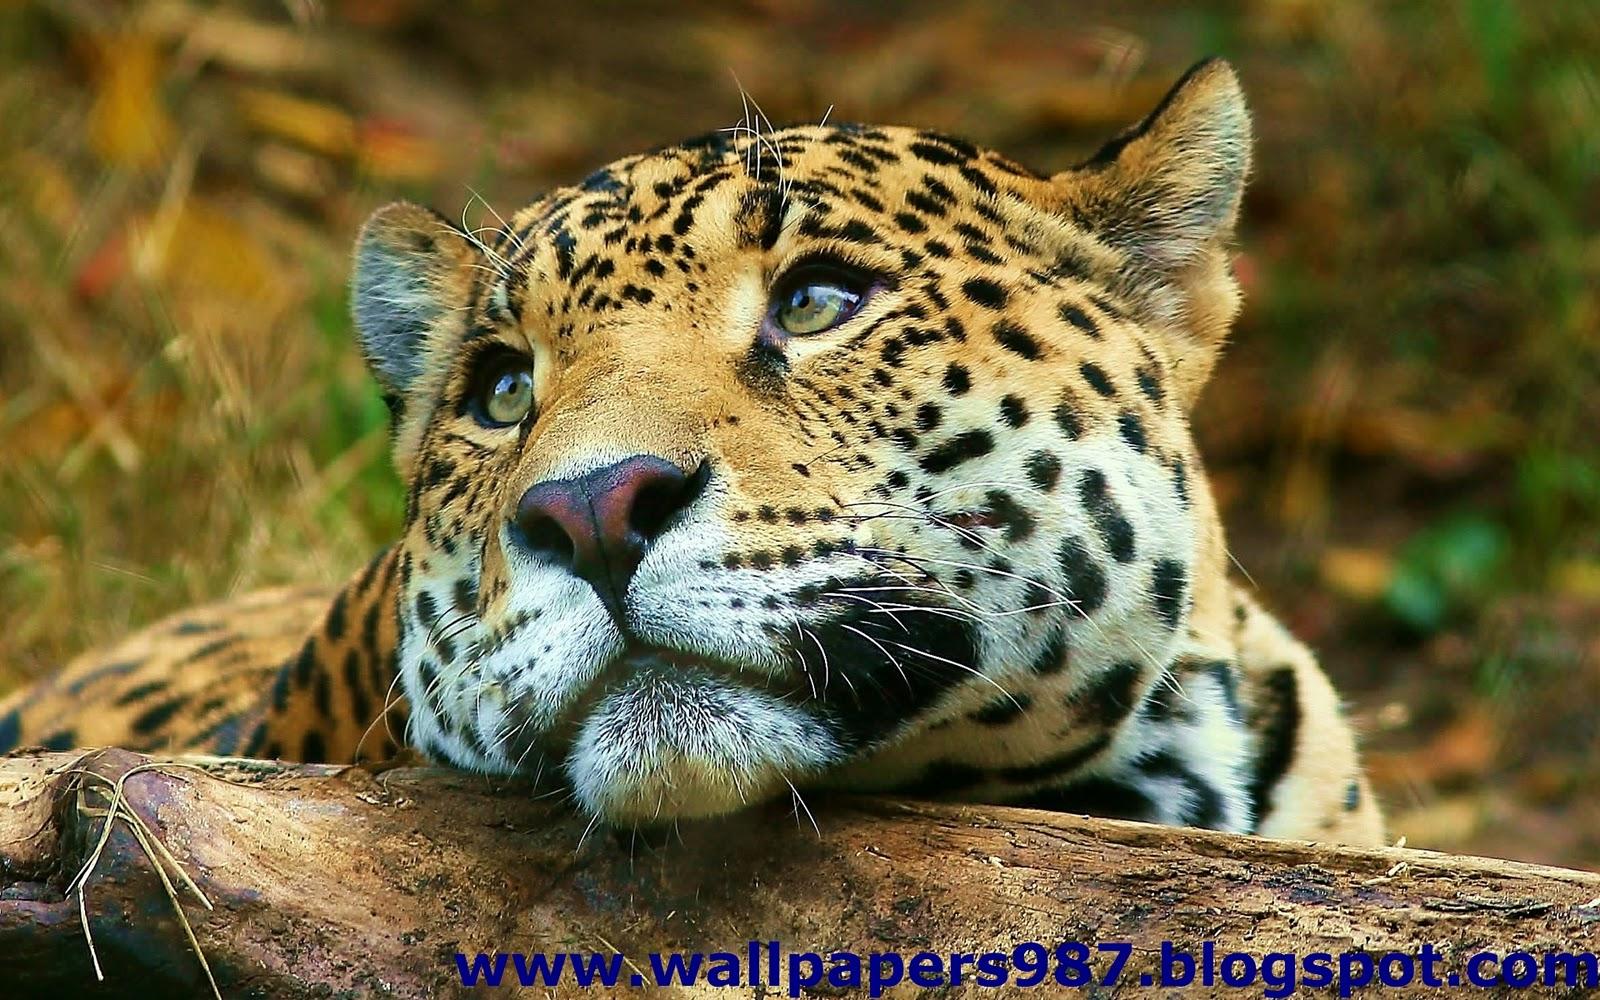 http://1.bp.blogspot.com/_SOSNZoTv8ng/TQYWli_E64I/AAAAAAAAAHU/D7nmknYyxbU/s1600/windows_masaustu_arka_plan_resimleri_vahsi_kediler_aslan_kaplan_HD_HQ_Full_Animal.+Pic+%2528132%2529.jpg